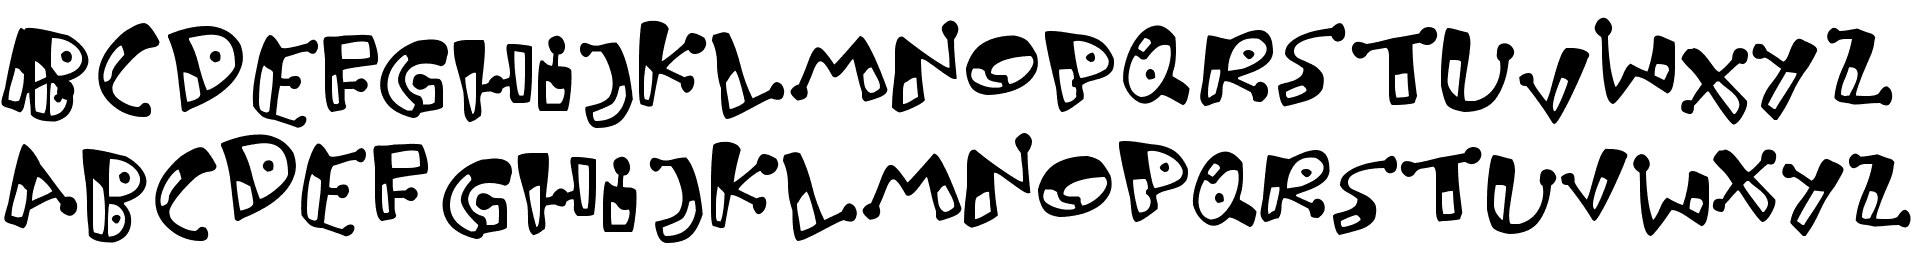 Bungnipper